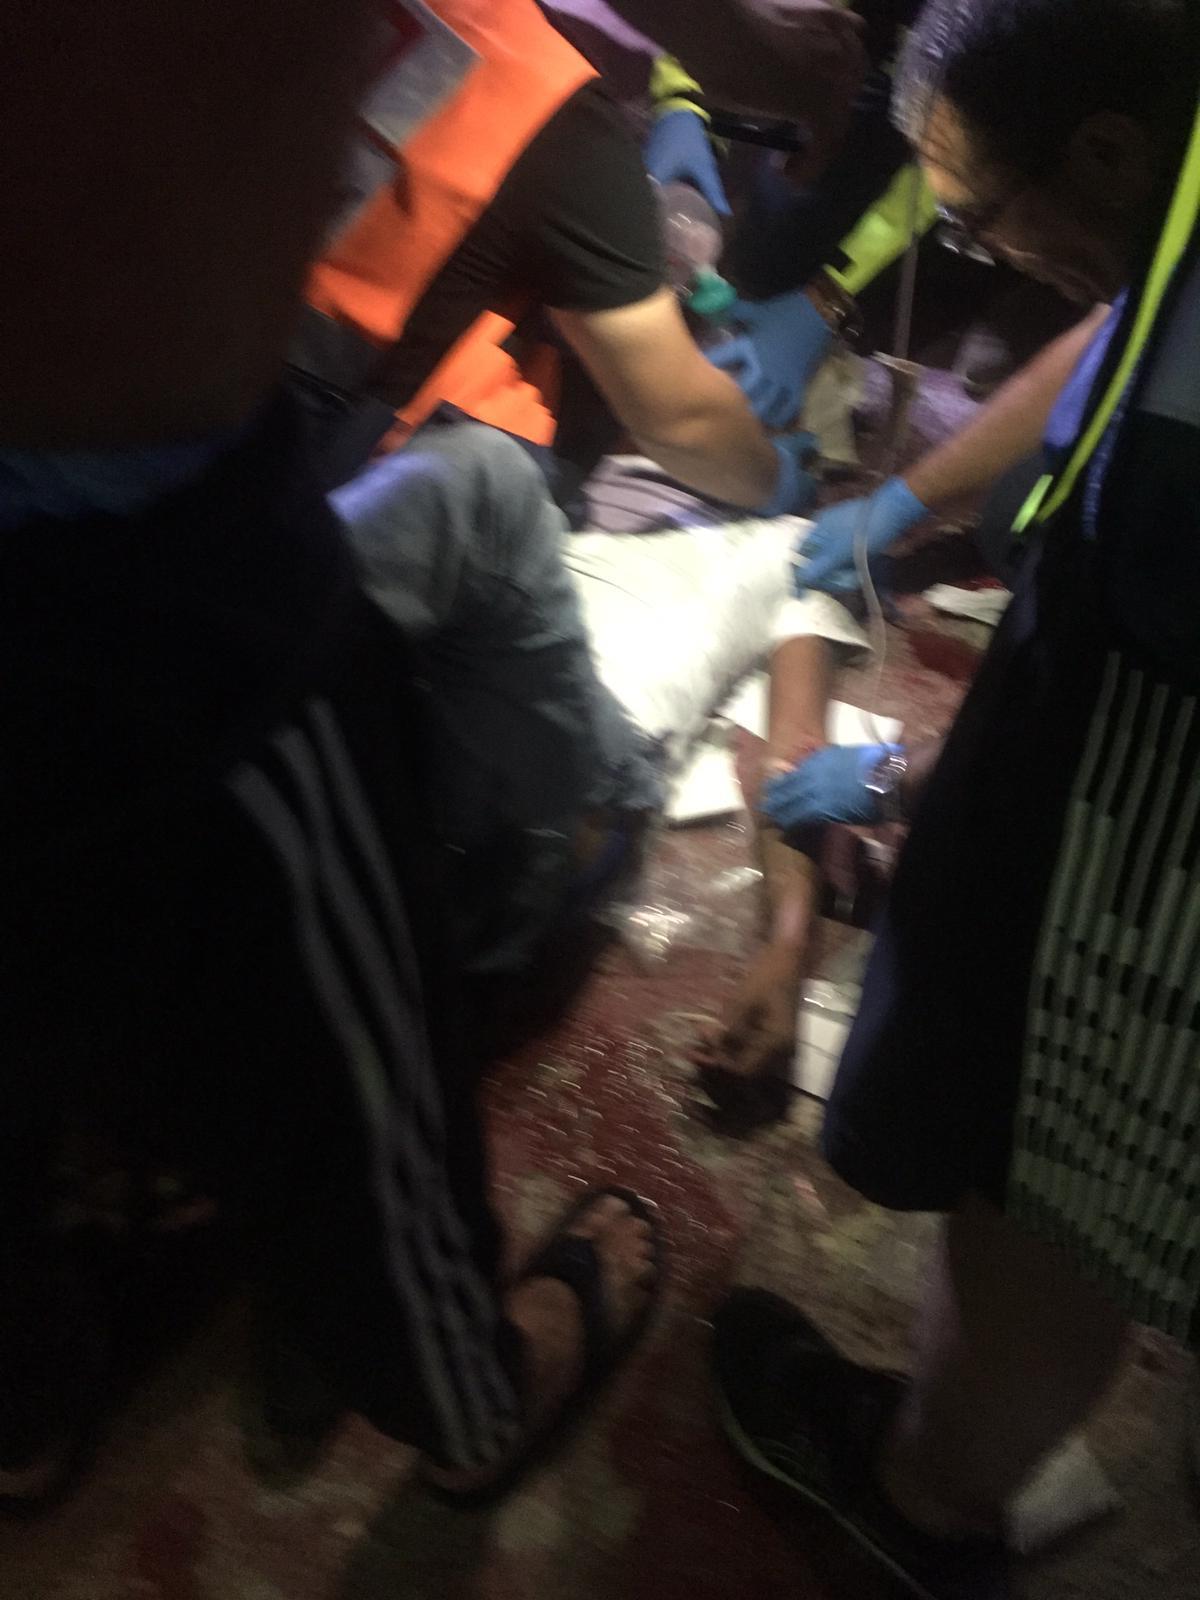 باقة الغربية: إصابتان في شجار خلال حفل زفاف